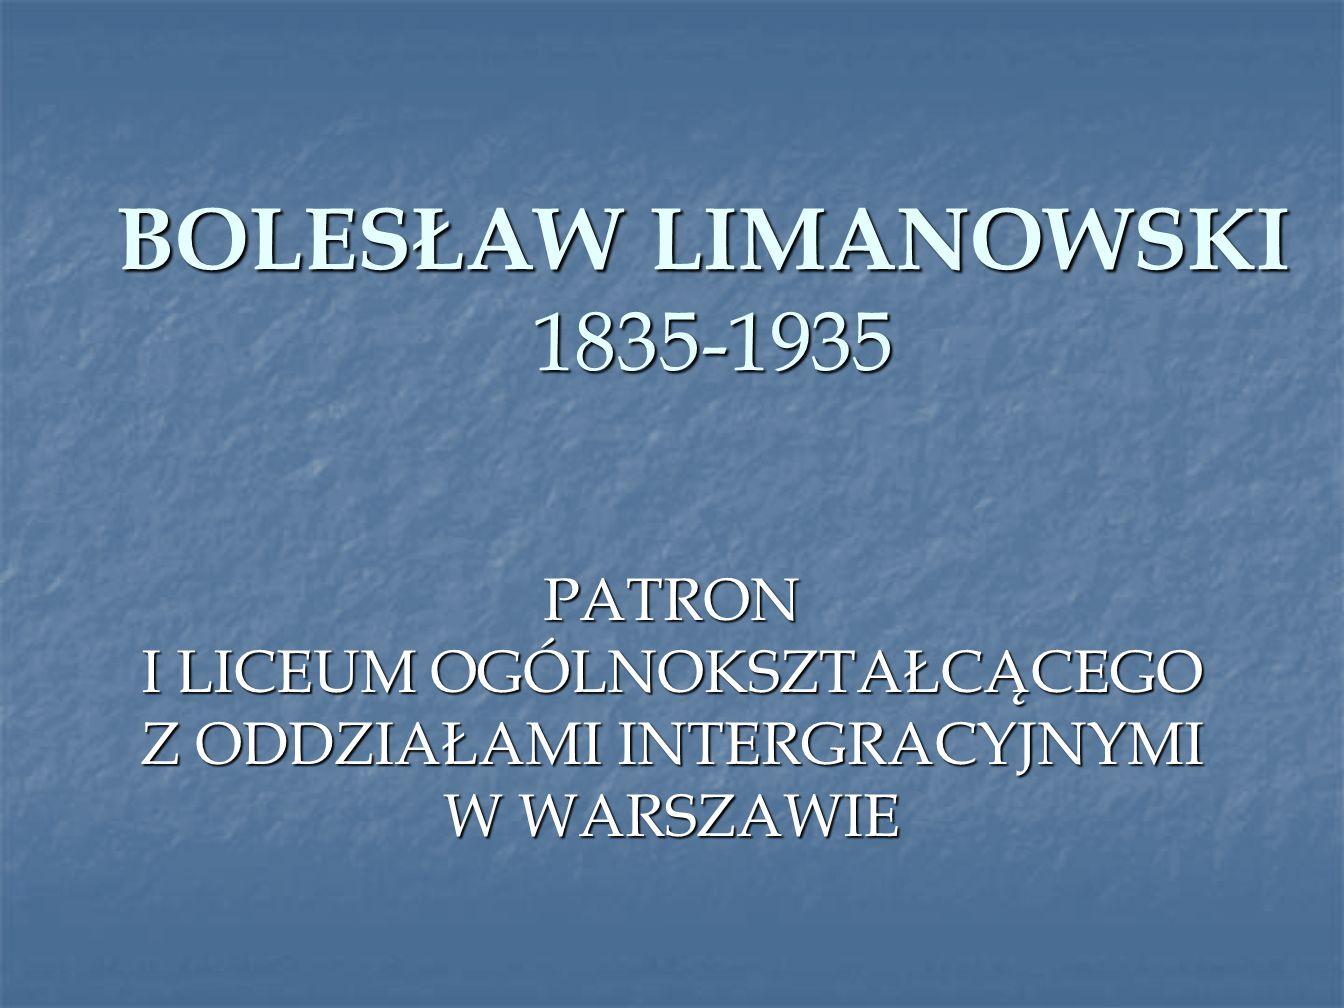 BOLESŁAW LIMANOWSKI 1835-1935 PATRON I LICEUM OGÓLNOKSZTAŁCĄCEGO Z ODDZIAŁAMI INTERGRACYJNYMI W WARSZAWIE